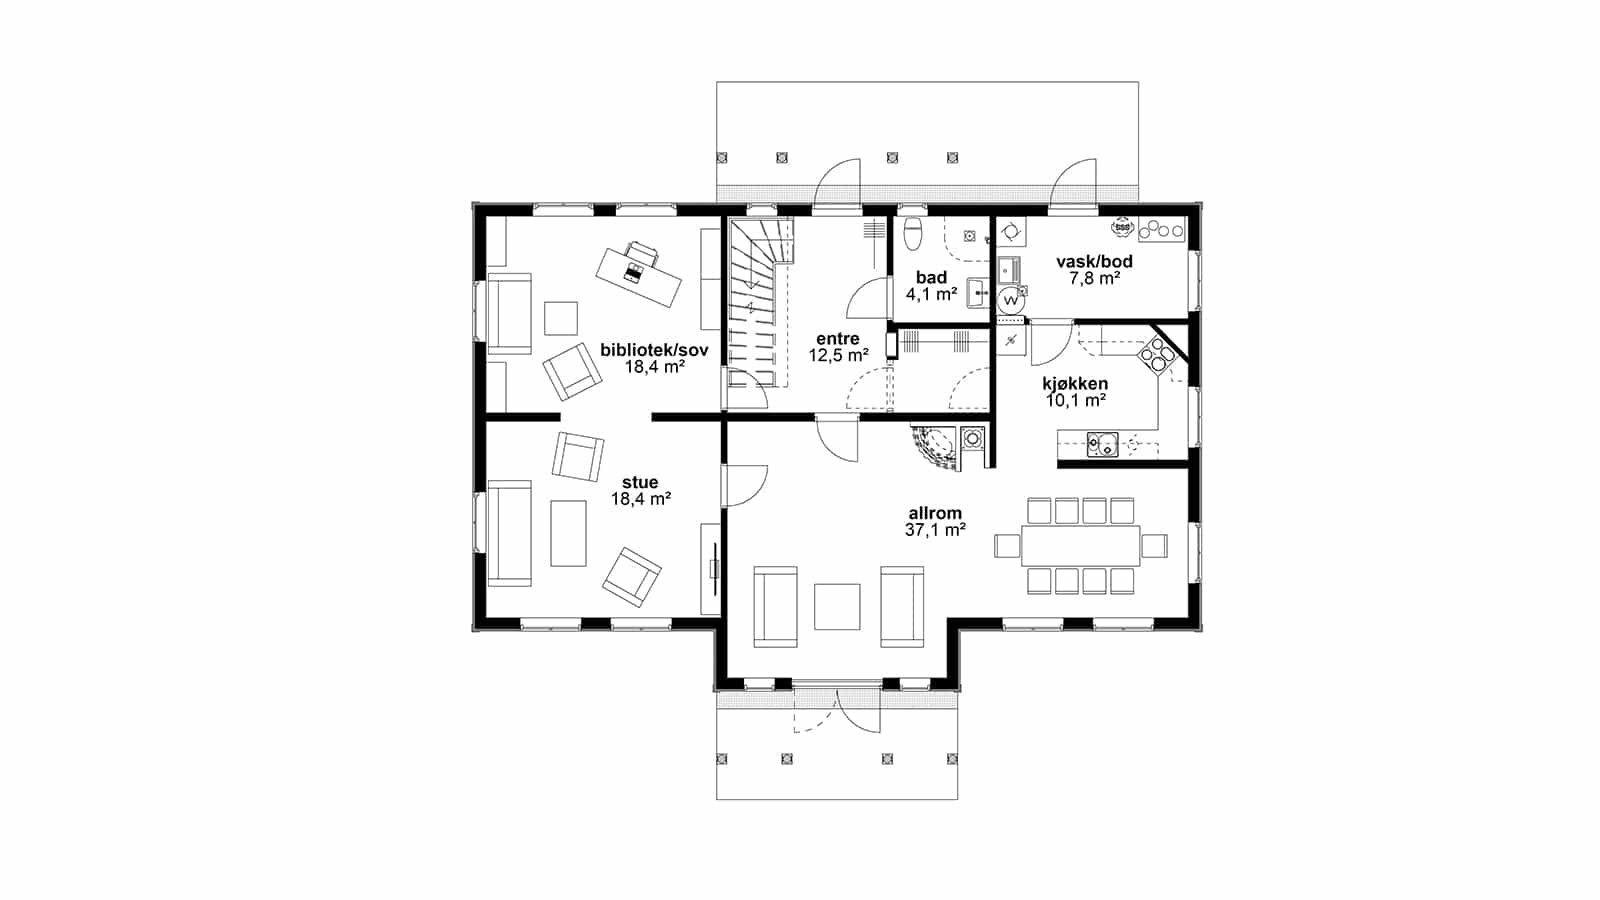 Plantegning av 1.etasje - Herskapelig bolig